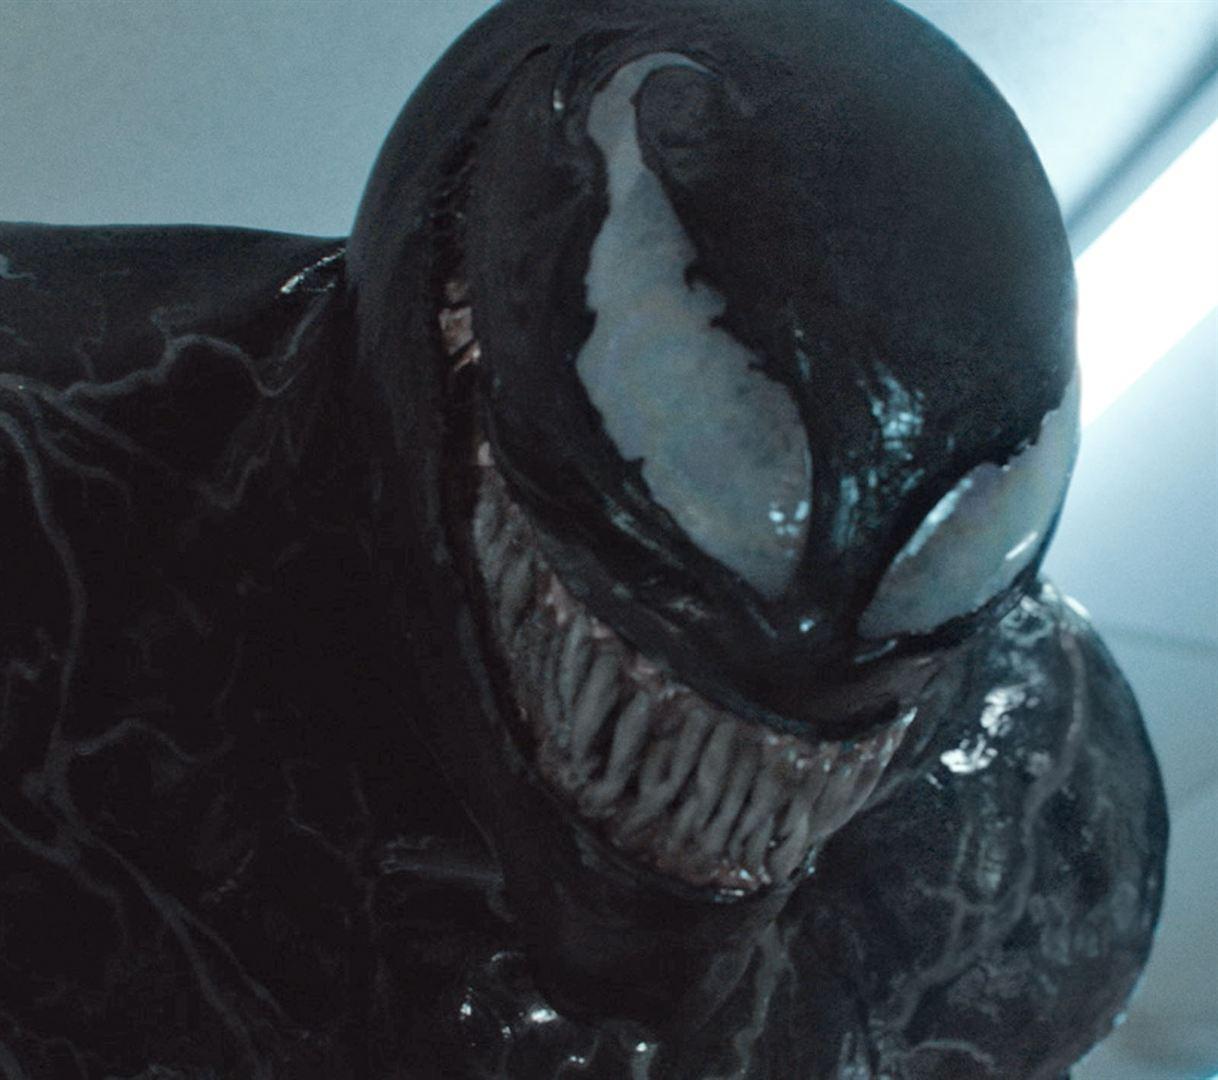 Venom_imagen3